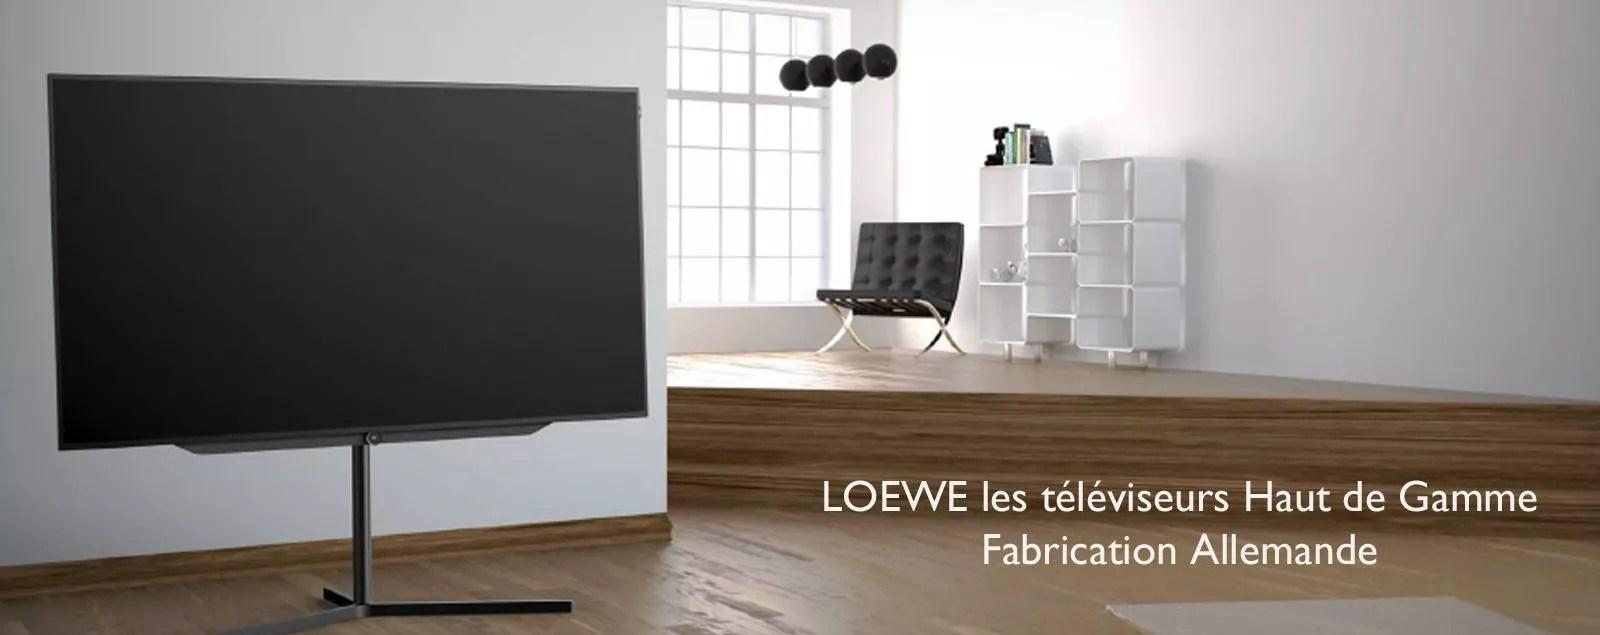 silde-loewe-TV